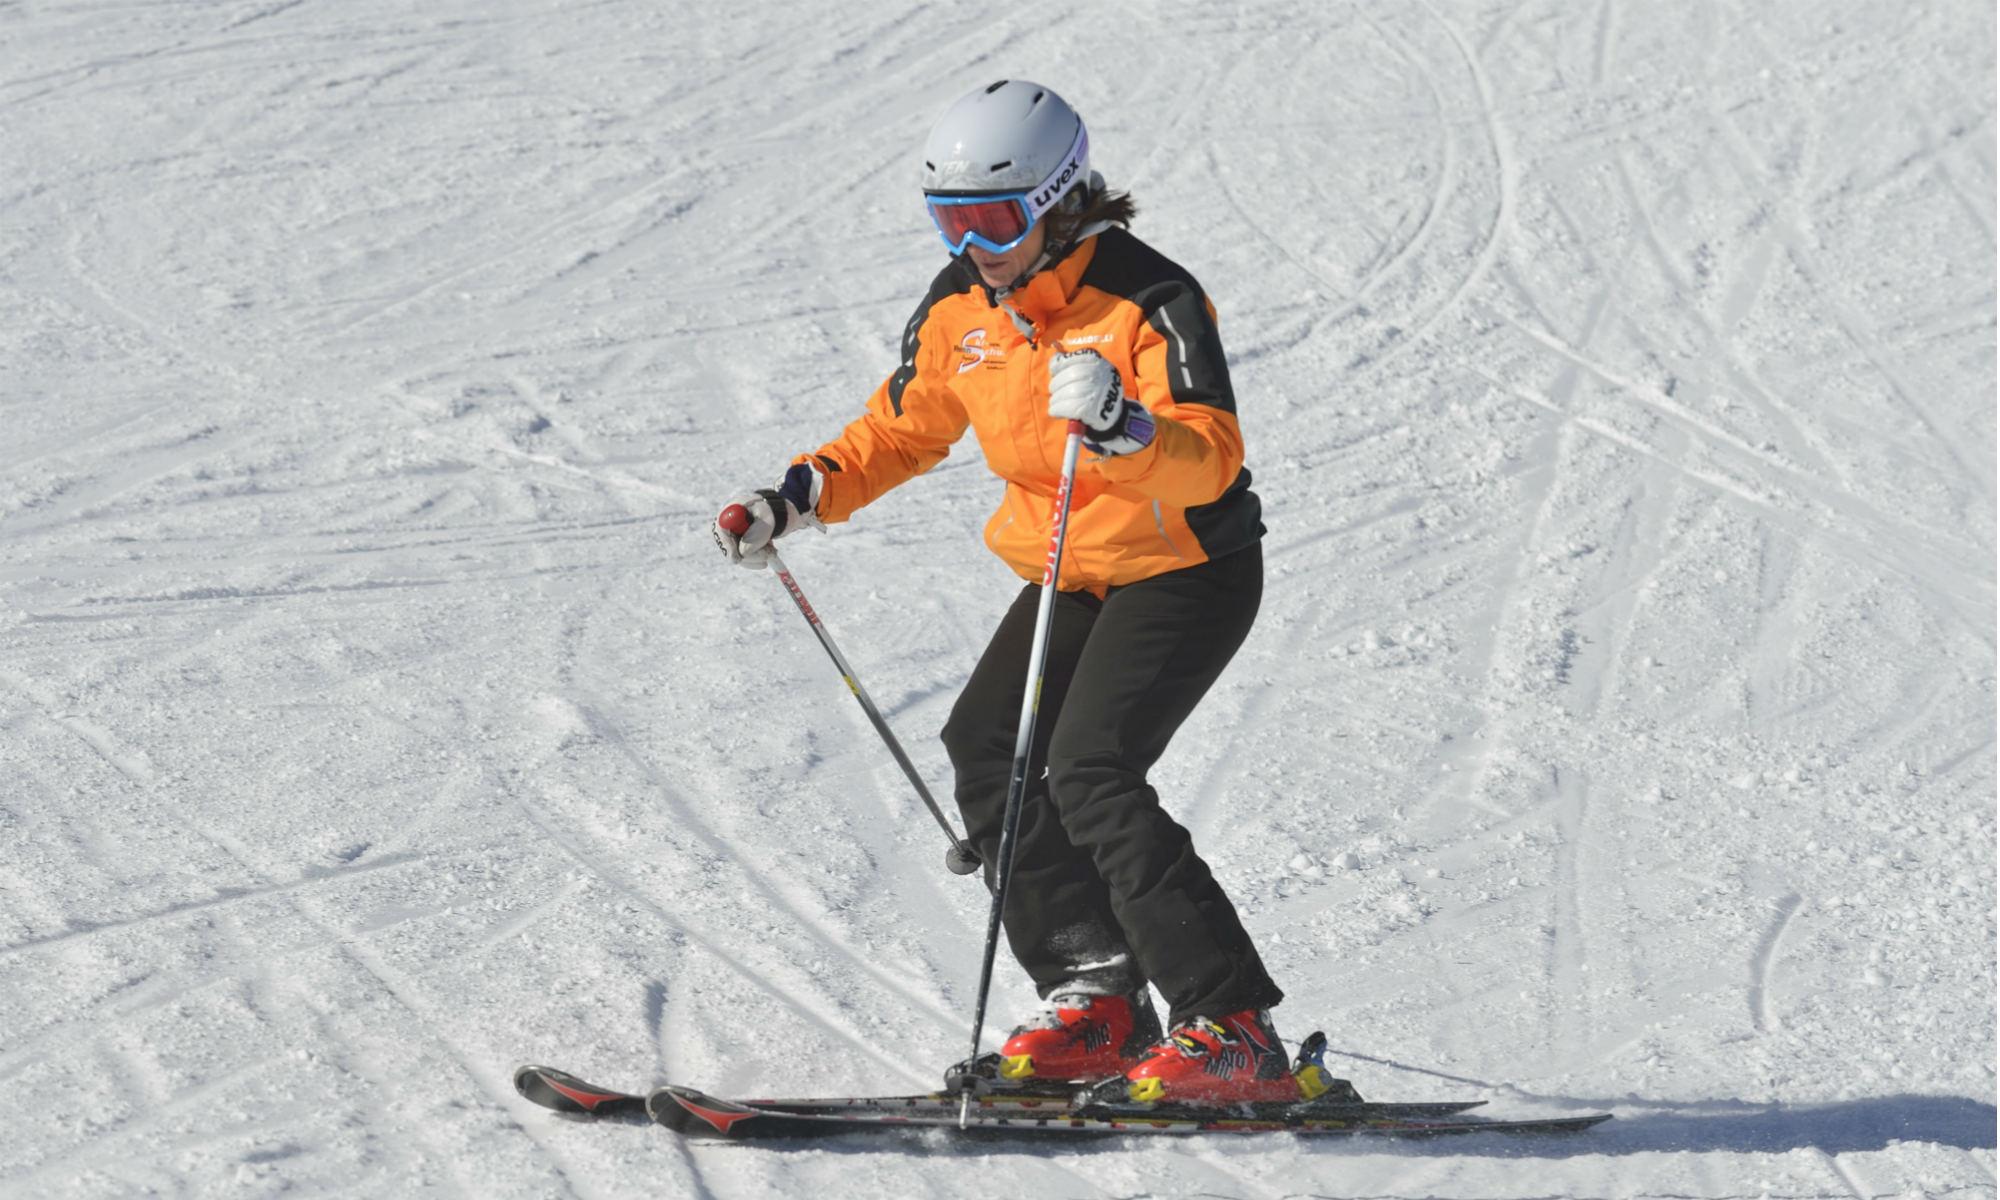 Ingrid Salvenmoser zeigt den richtigen Stockeinsatz beim Parallelschwung auf einer sonnigen Skipiste vor.